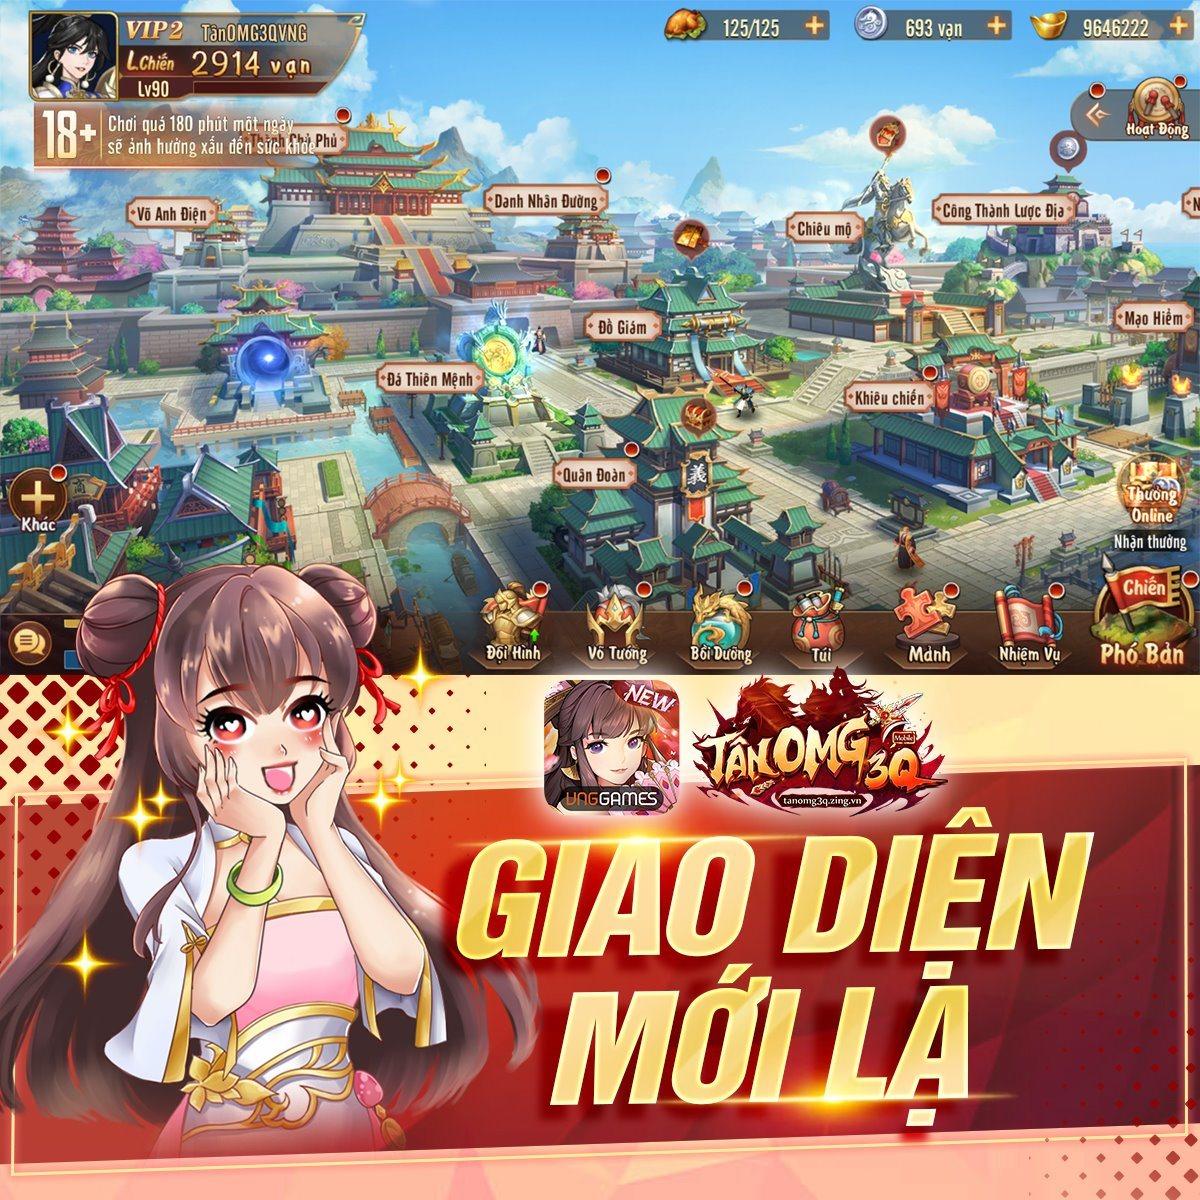 Game mobile Tân OMG3Q mở đăng ký sớm với nhiều phần quà hấp dẫn